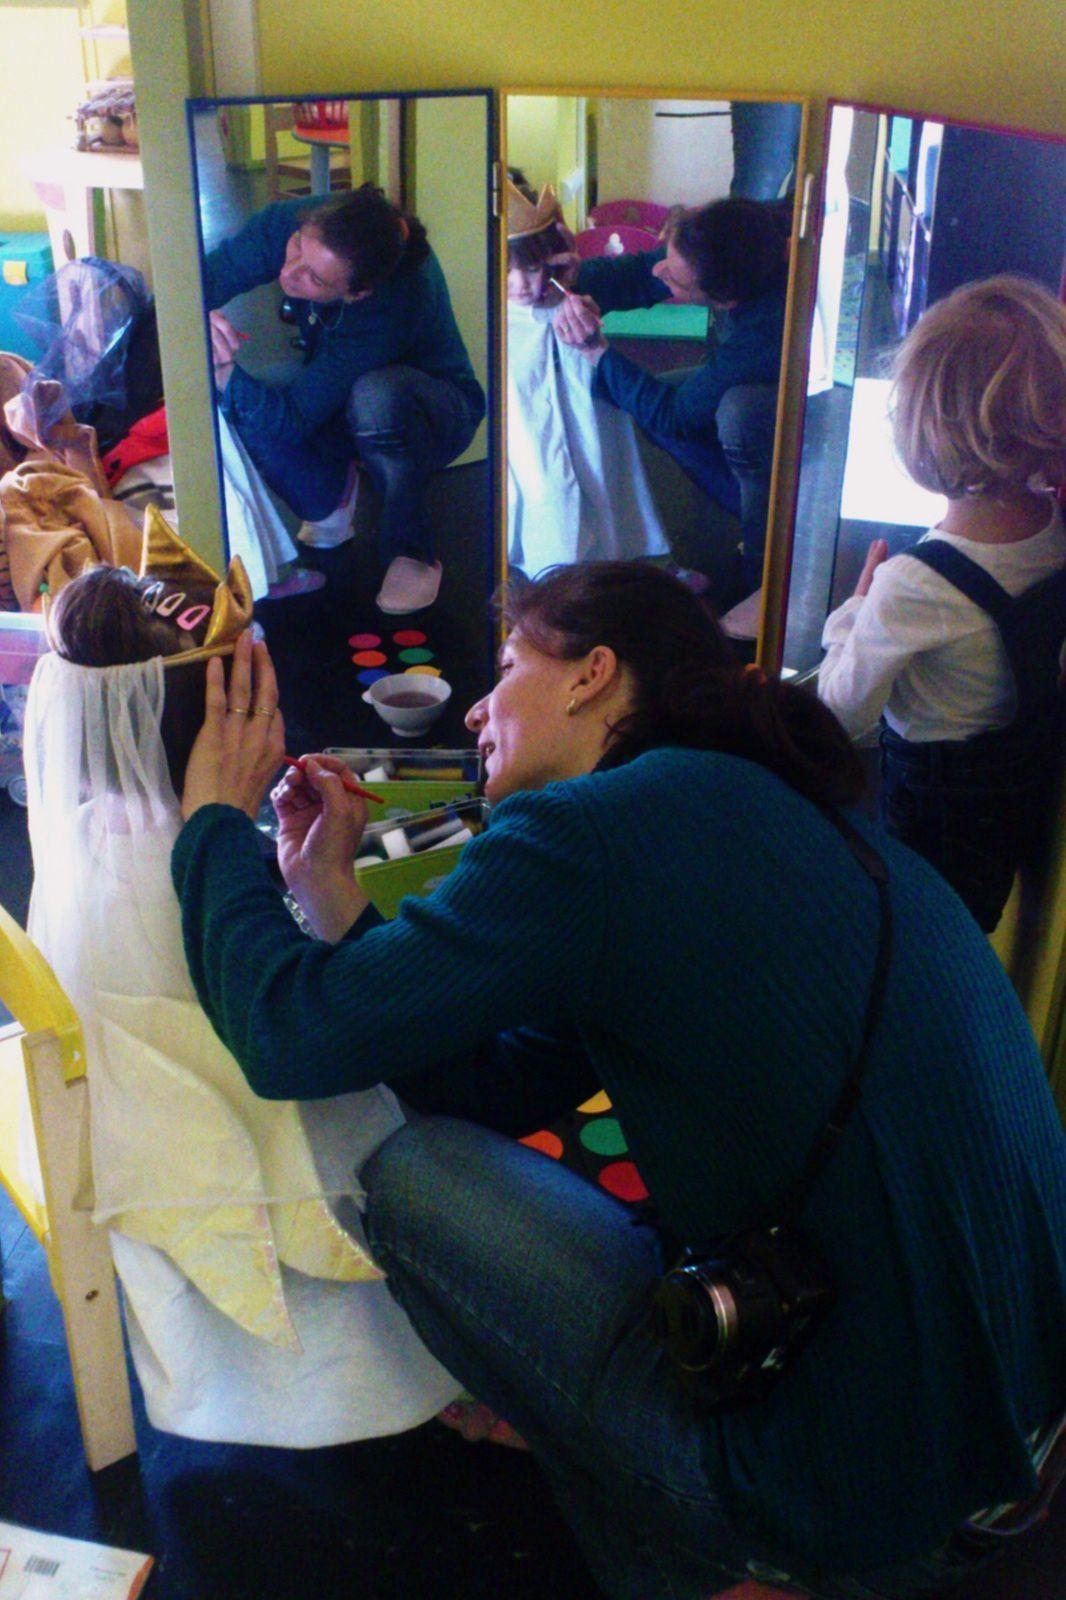 """Le coin maquillage est installé, à disposition des enfants et des adultes. Certains enfants ont préféré commencer par un petit pochoir sur la main, avant d'aller plus loin. Pour d'autres, un seul dessin sur la joue a suffi à les contenter. Le miroir est indispensable, pour suivre la """"transformation""""...Se maquiller les mains toute seule, au stick ou au pinceau, c'est aussi très plaisant !"""